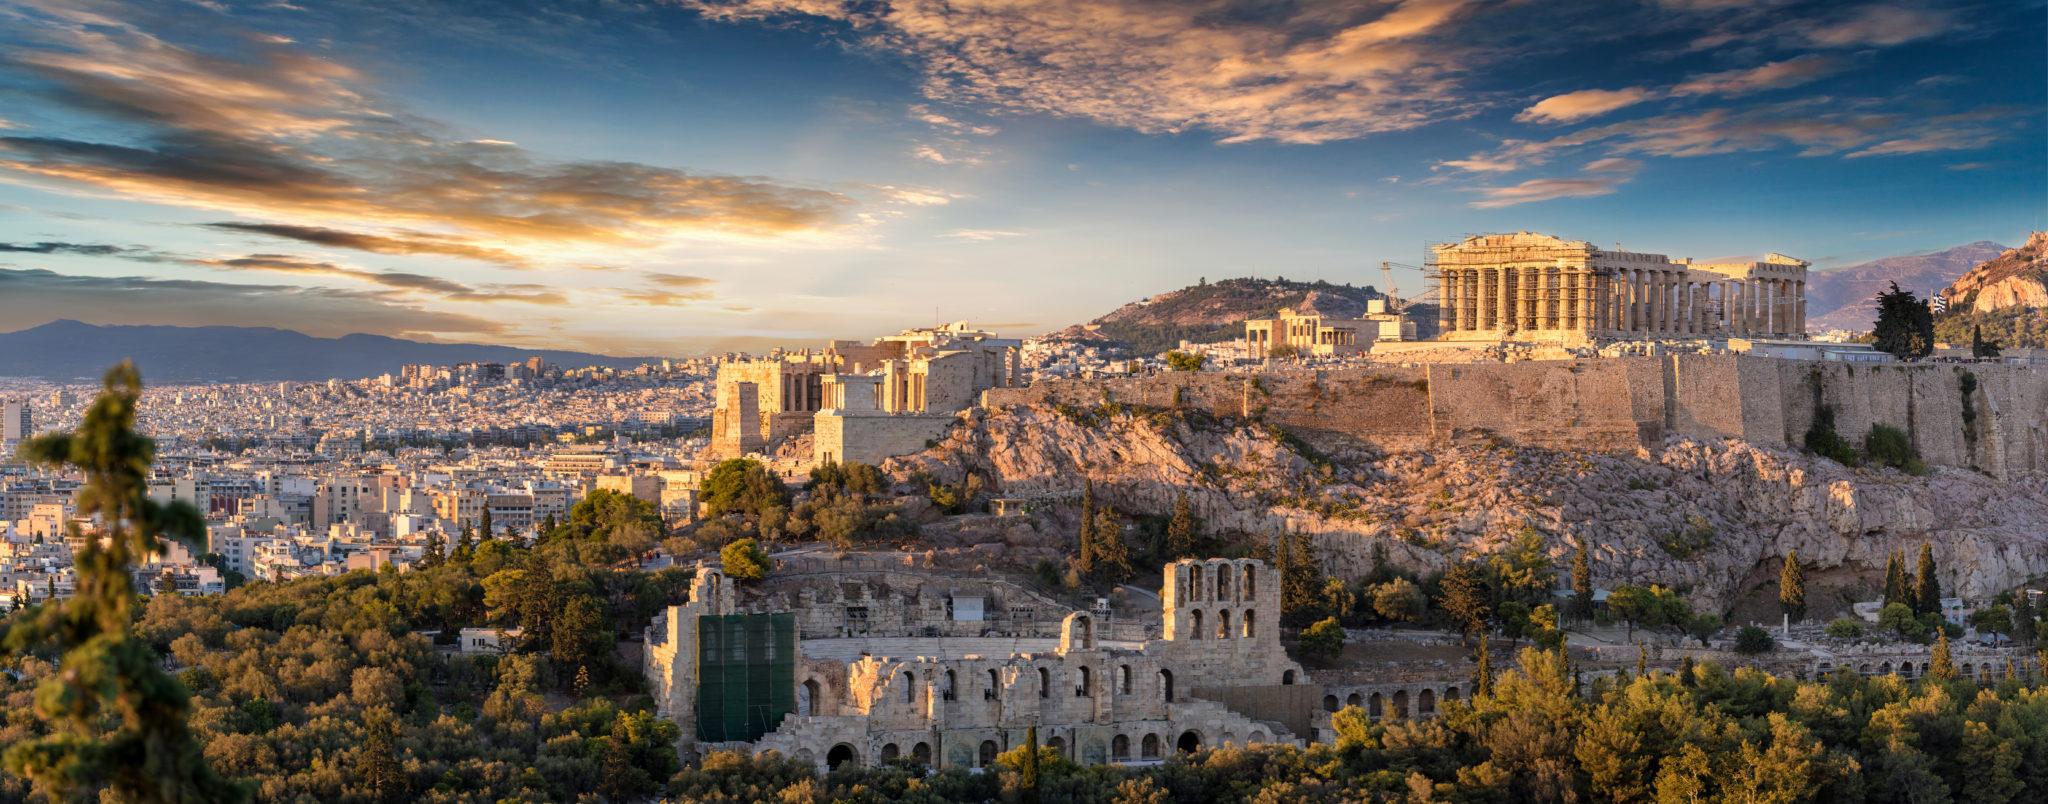 Panorama der Akropolis von Athen bei Sonnenuntergang